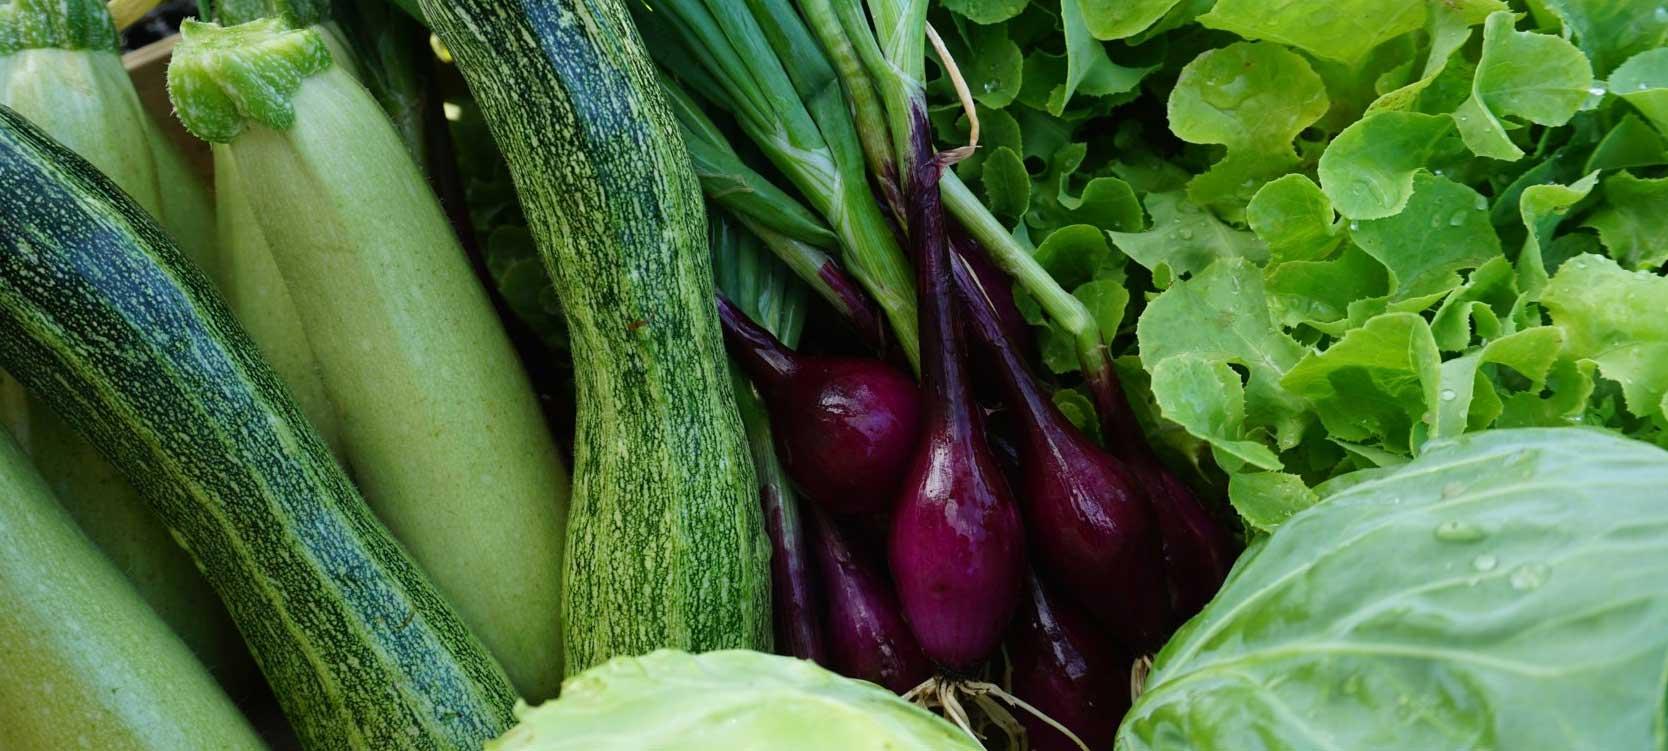 San Martino Organic Farm Vegetables